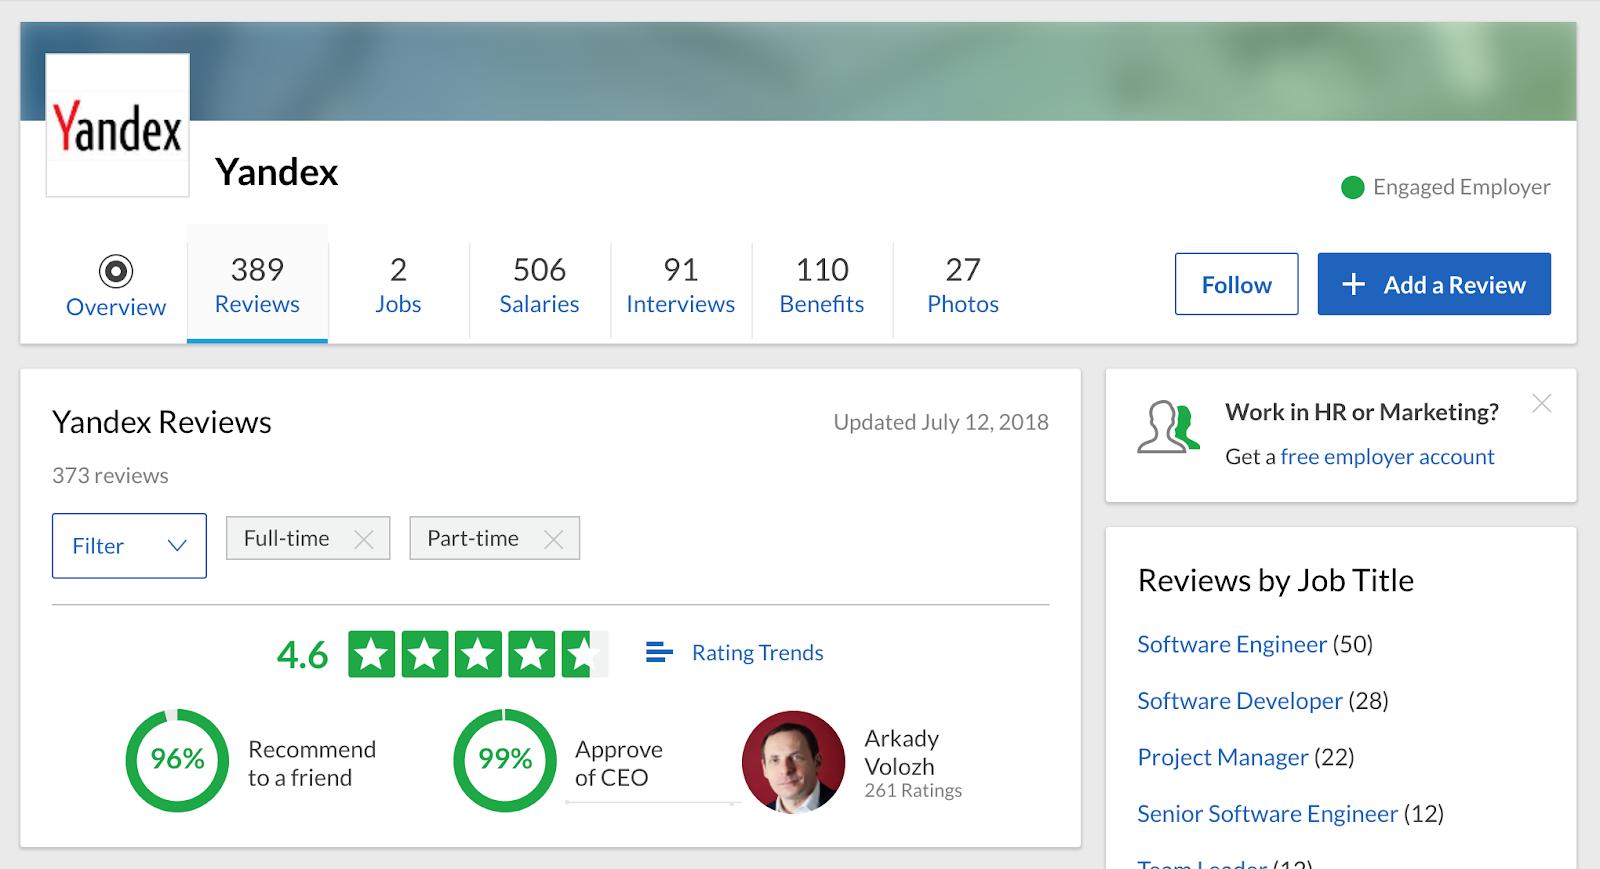 Где и как разработчики оценивают своих работодателей? Сервисы оценки компаний в ИТ-индустрии - 2